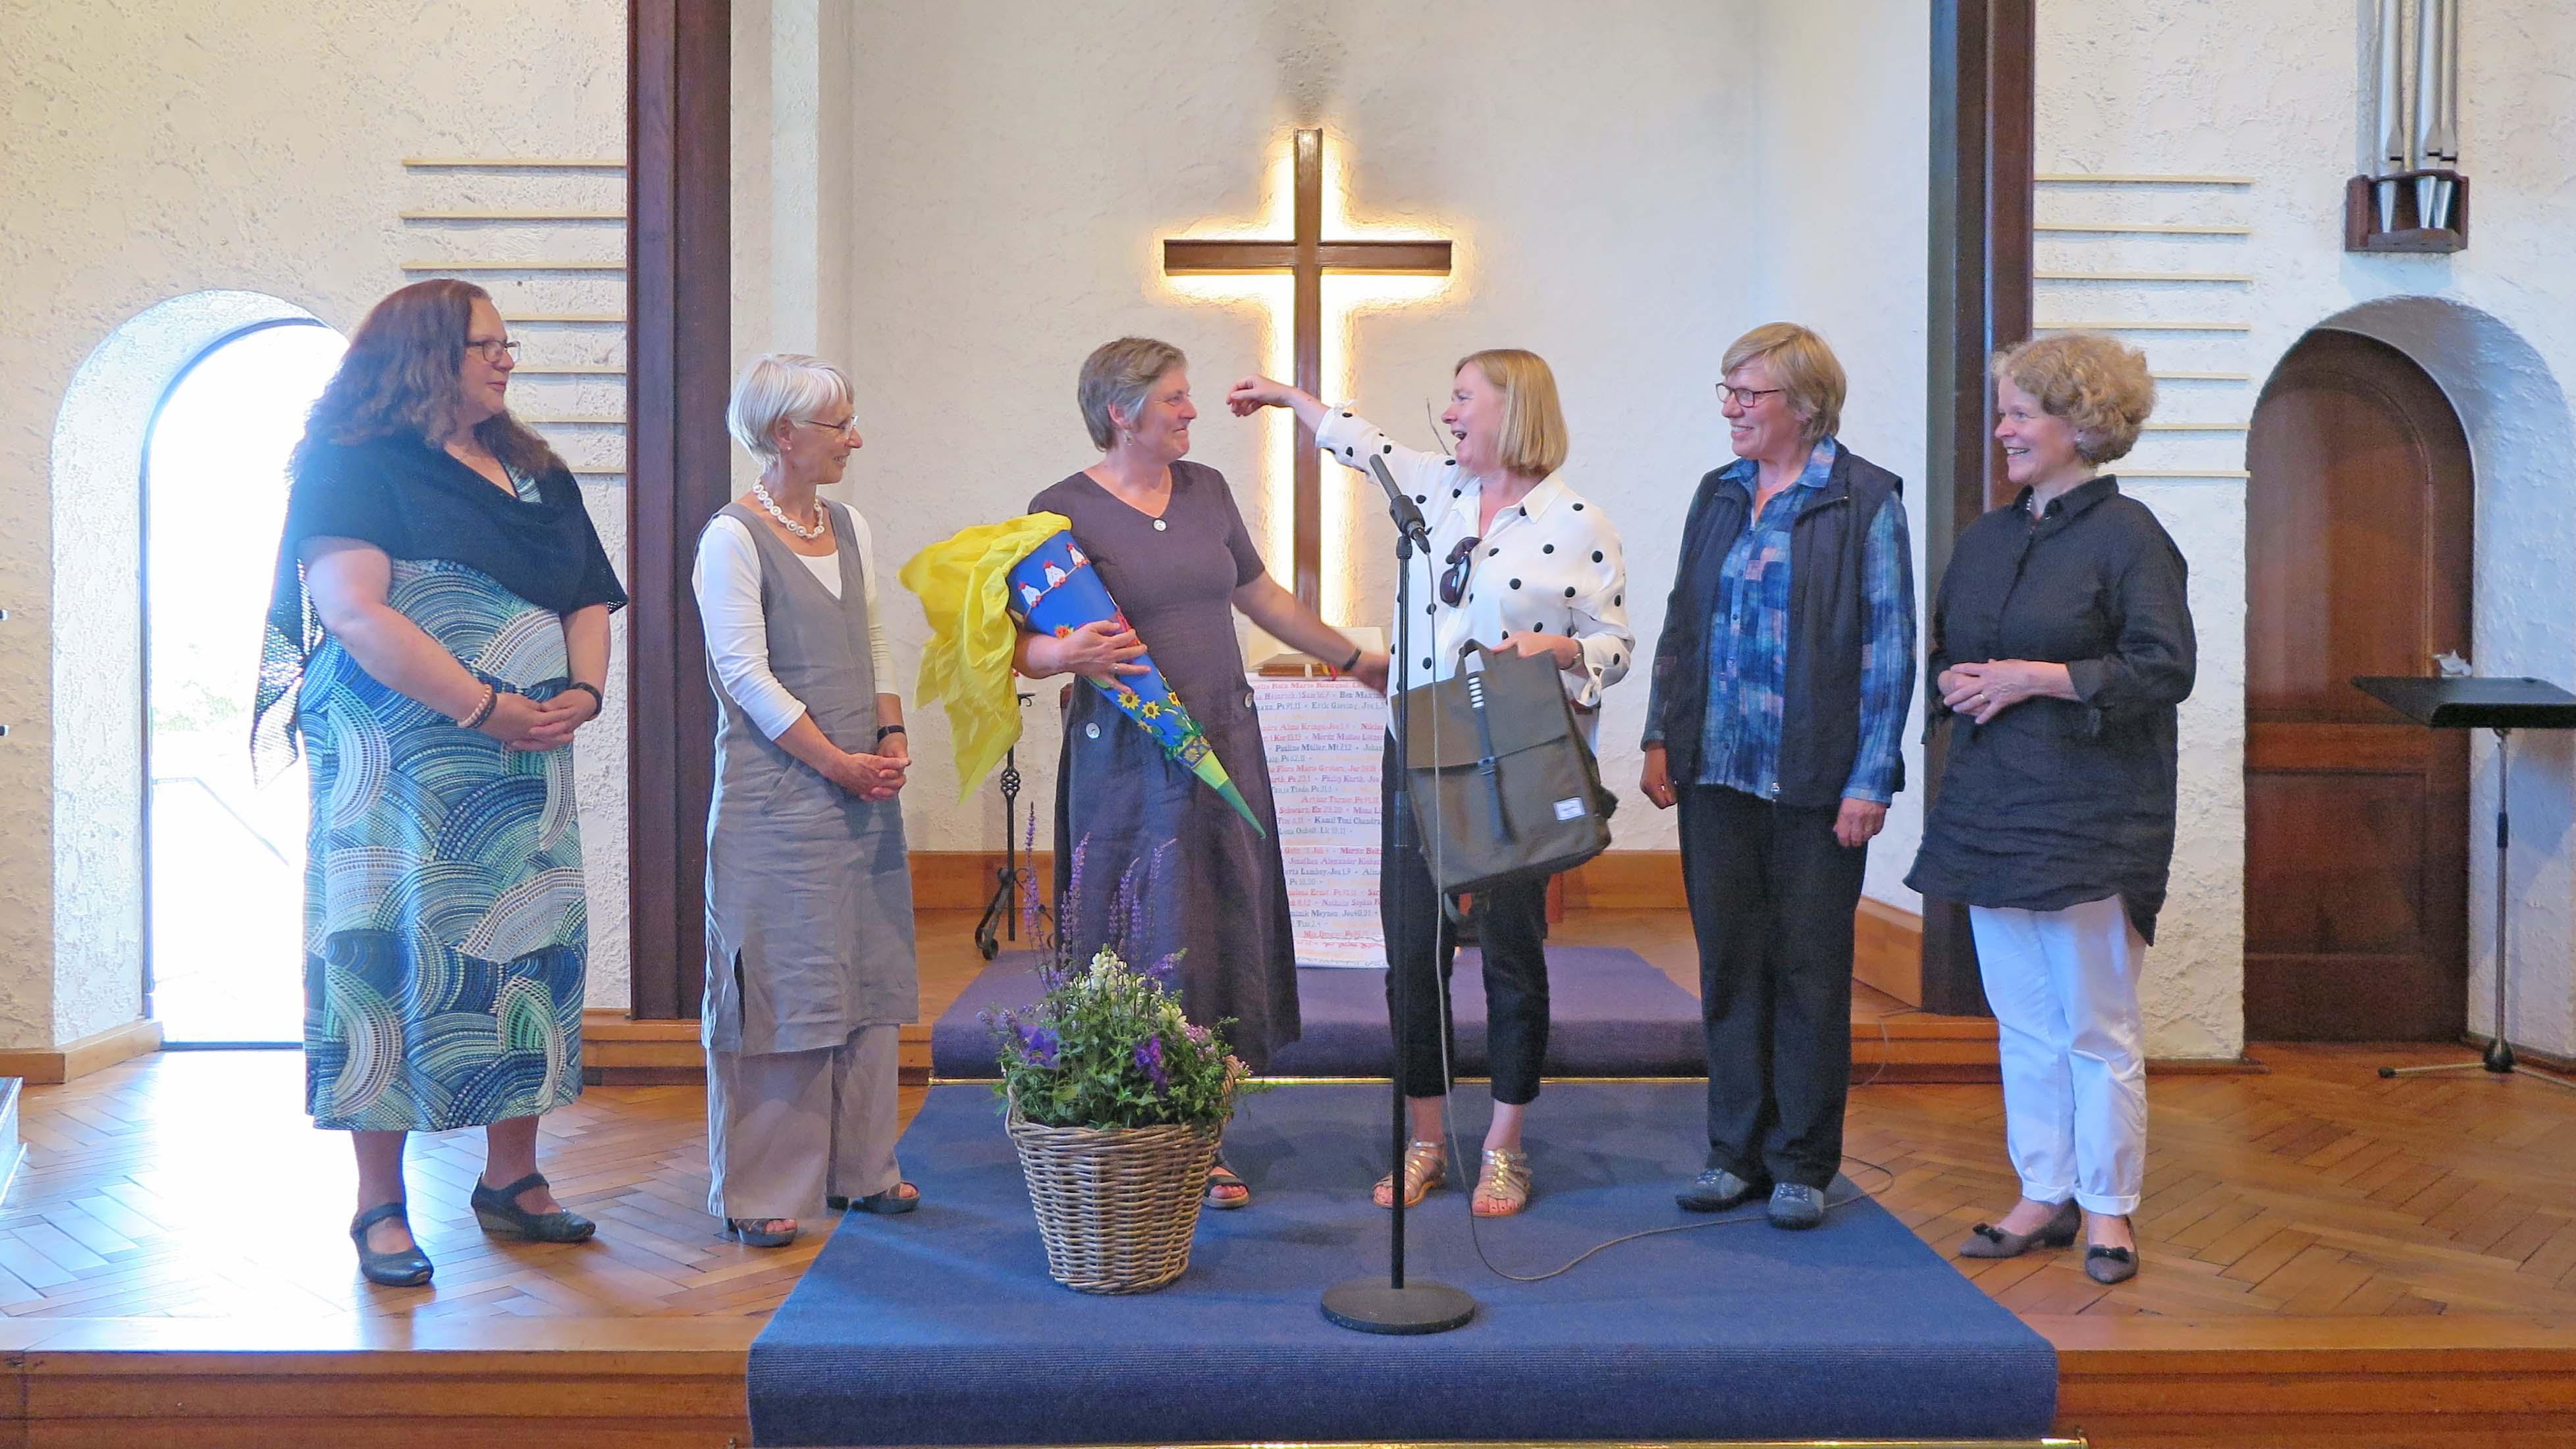 Wilma Falk-van Rees mit einer Schültüte und anderen